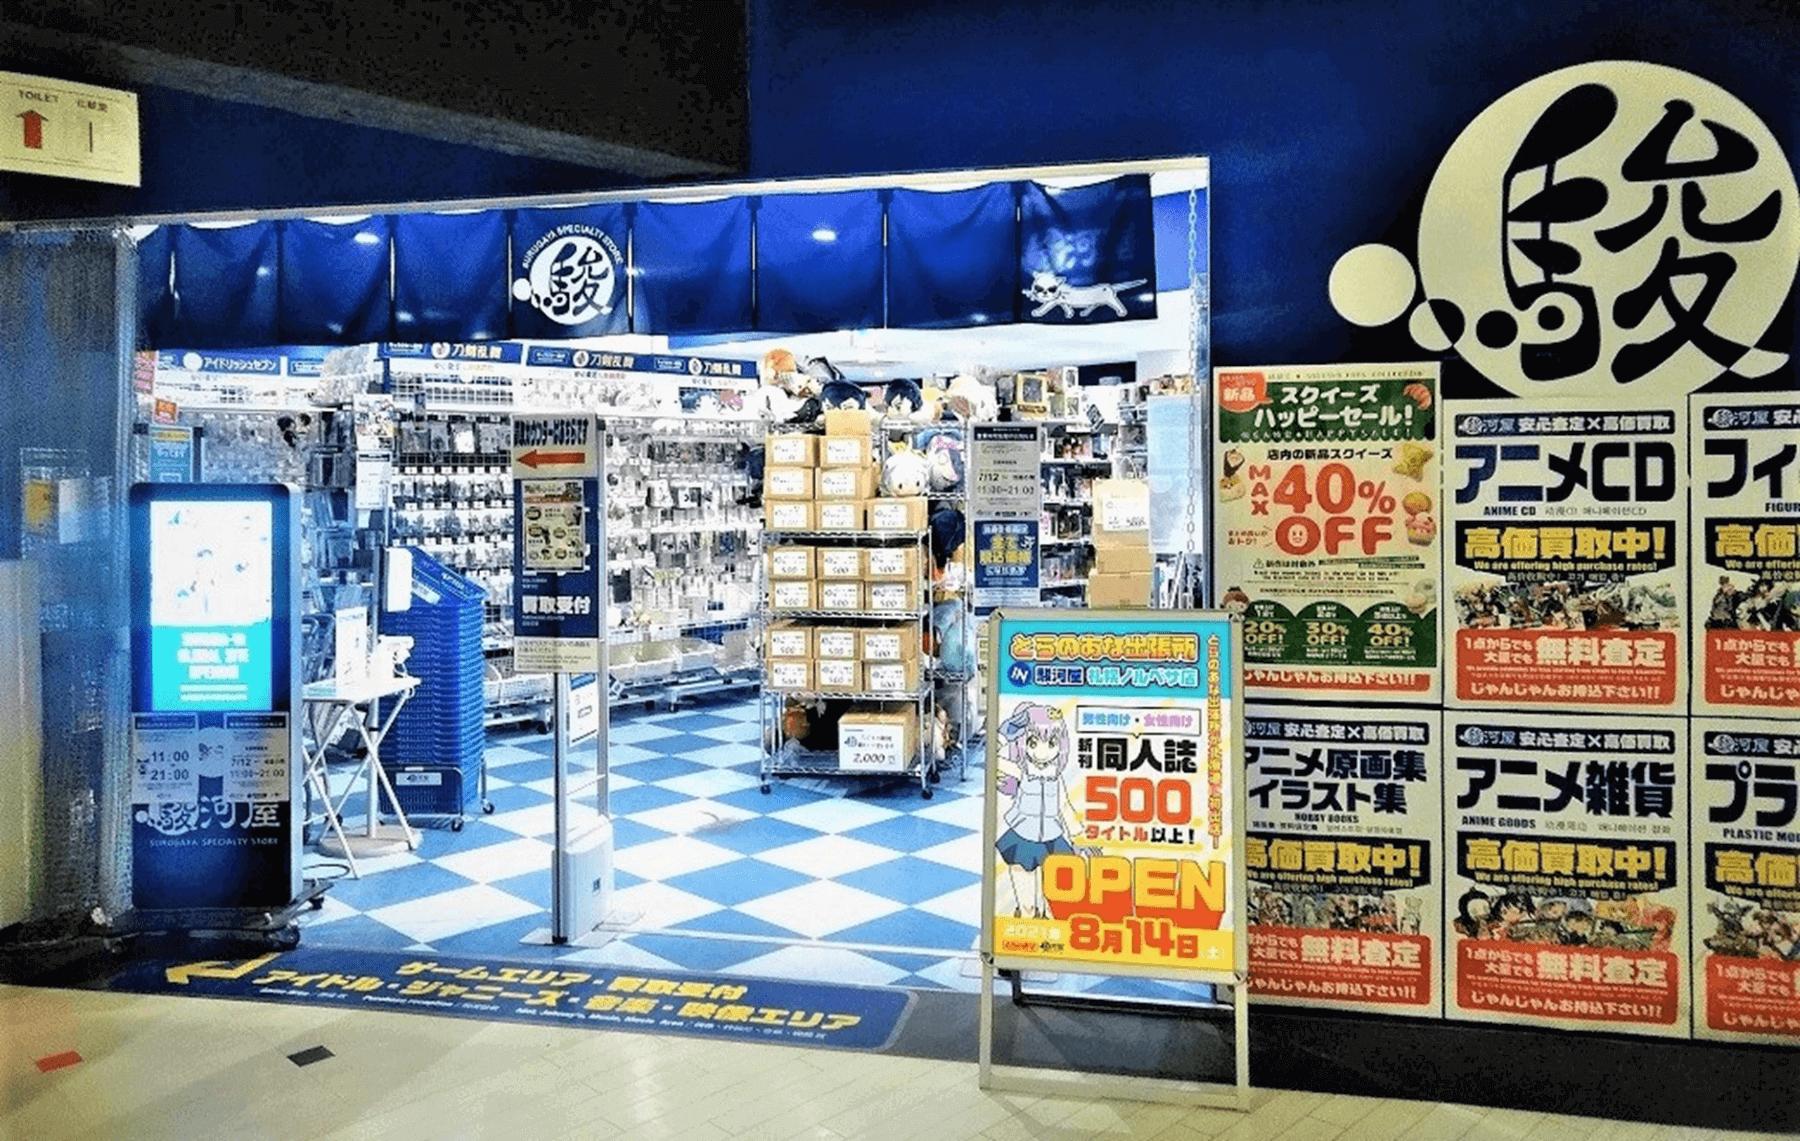 とらのあな出張所 IN 駿河屋札幌ノルベサ店